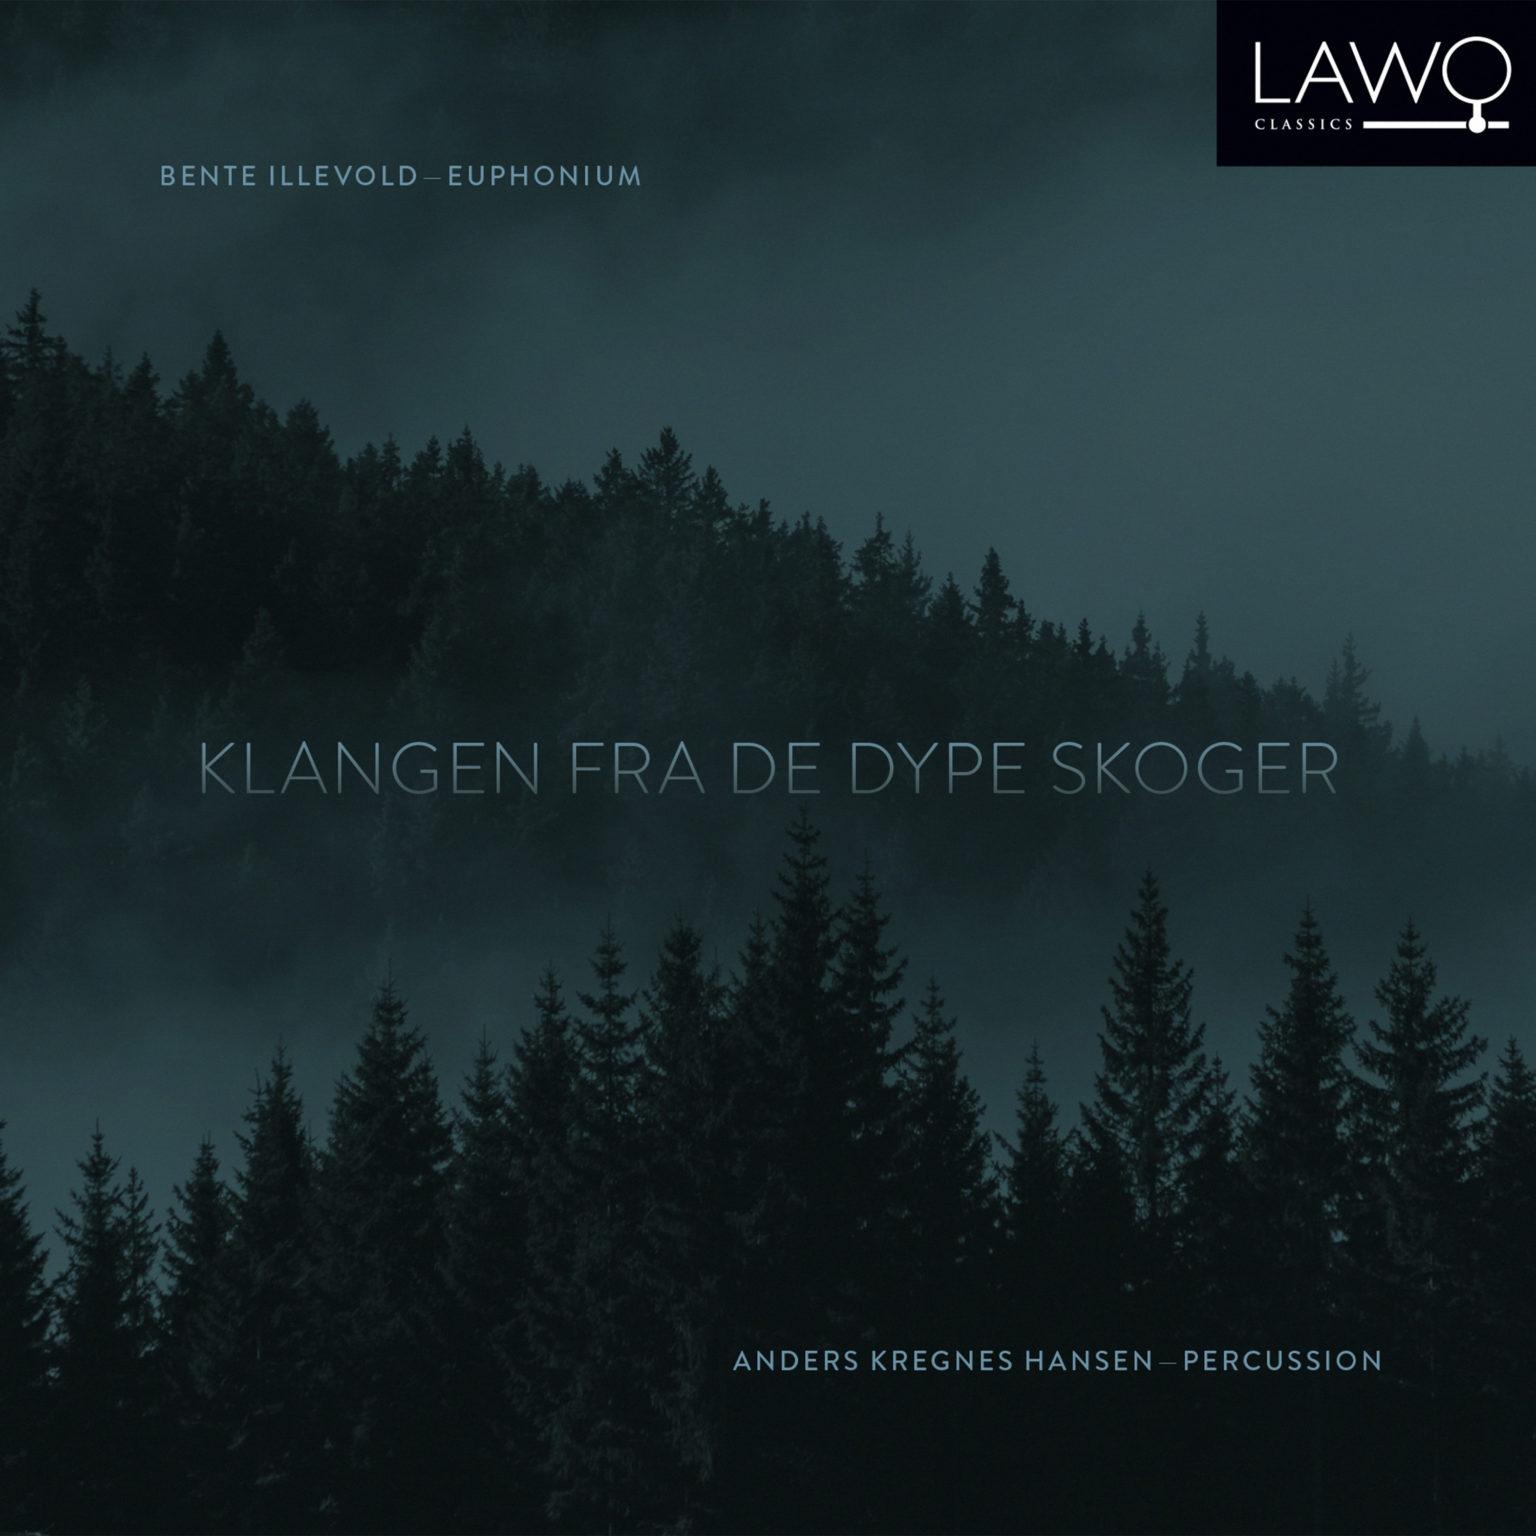 Click image for larger version.  Name:LWC1195_Bente_Illevold_Klangen_fra_de_dype_skoger_cover_3000x3000px-1536x1536.jpg Views:897 Size:174.8 KB ID:7720